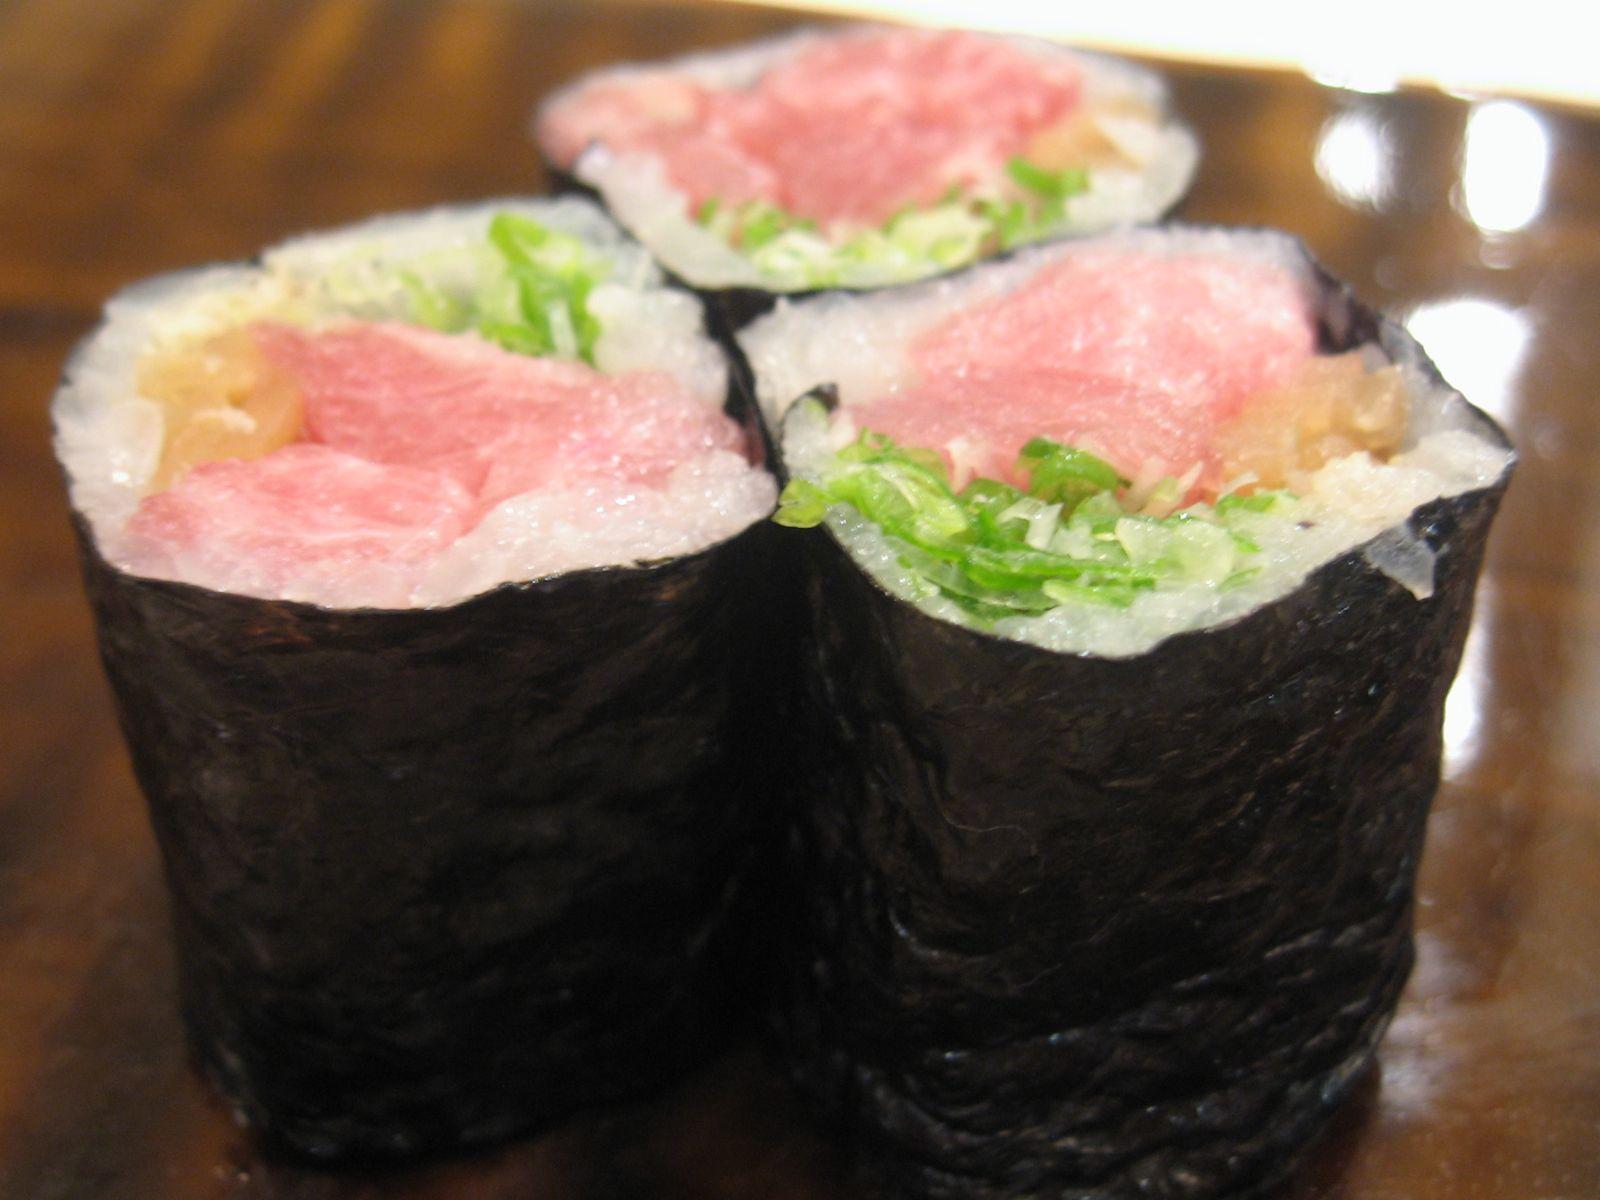 Negitoro with yuzu and pickled raddish